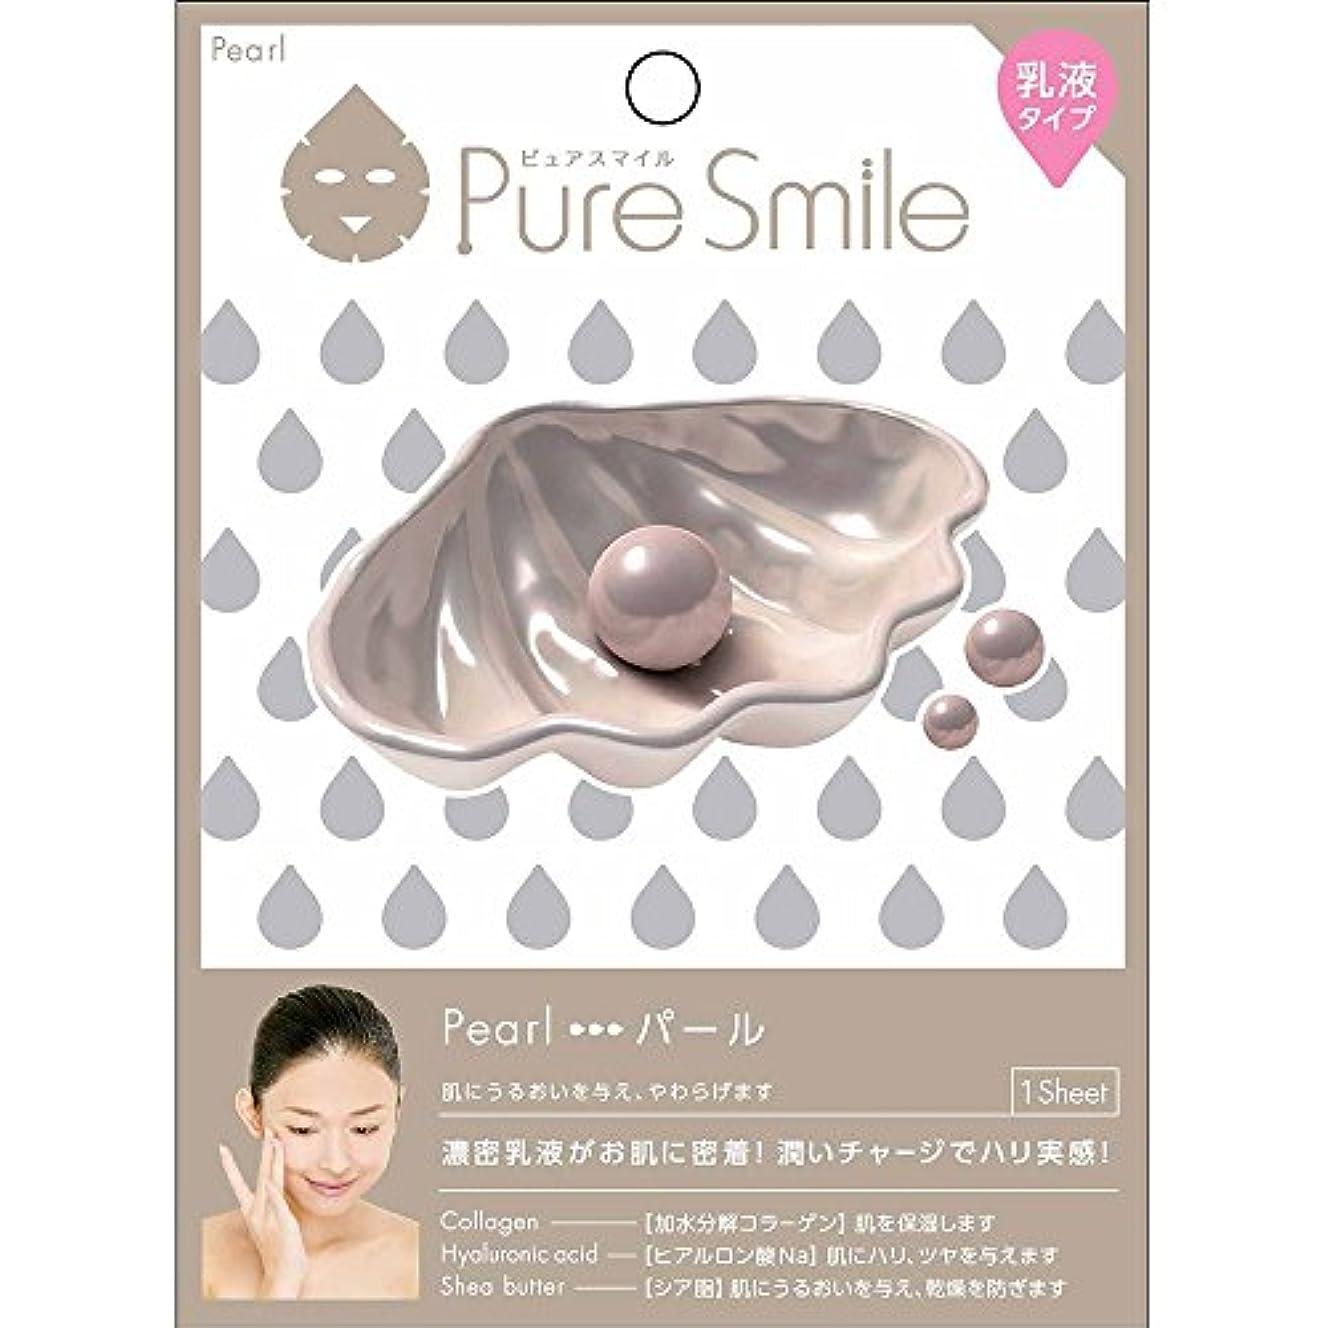 かどうか監督するニコチンPure Smile(ピュアスマイル) 乳液エッセンスマスク 1 枚 パール